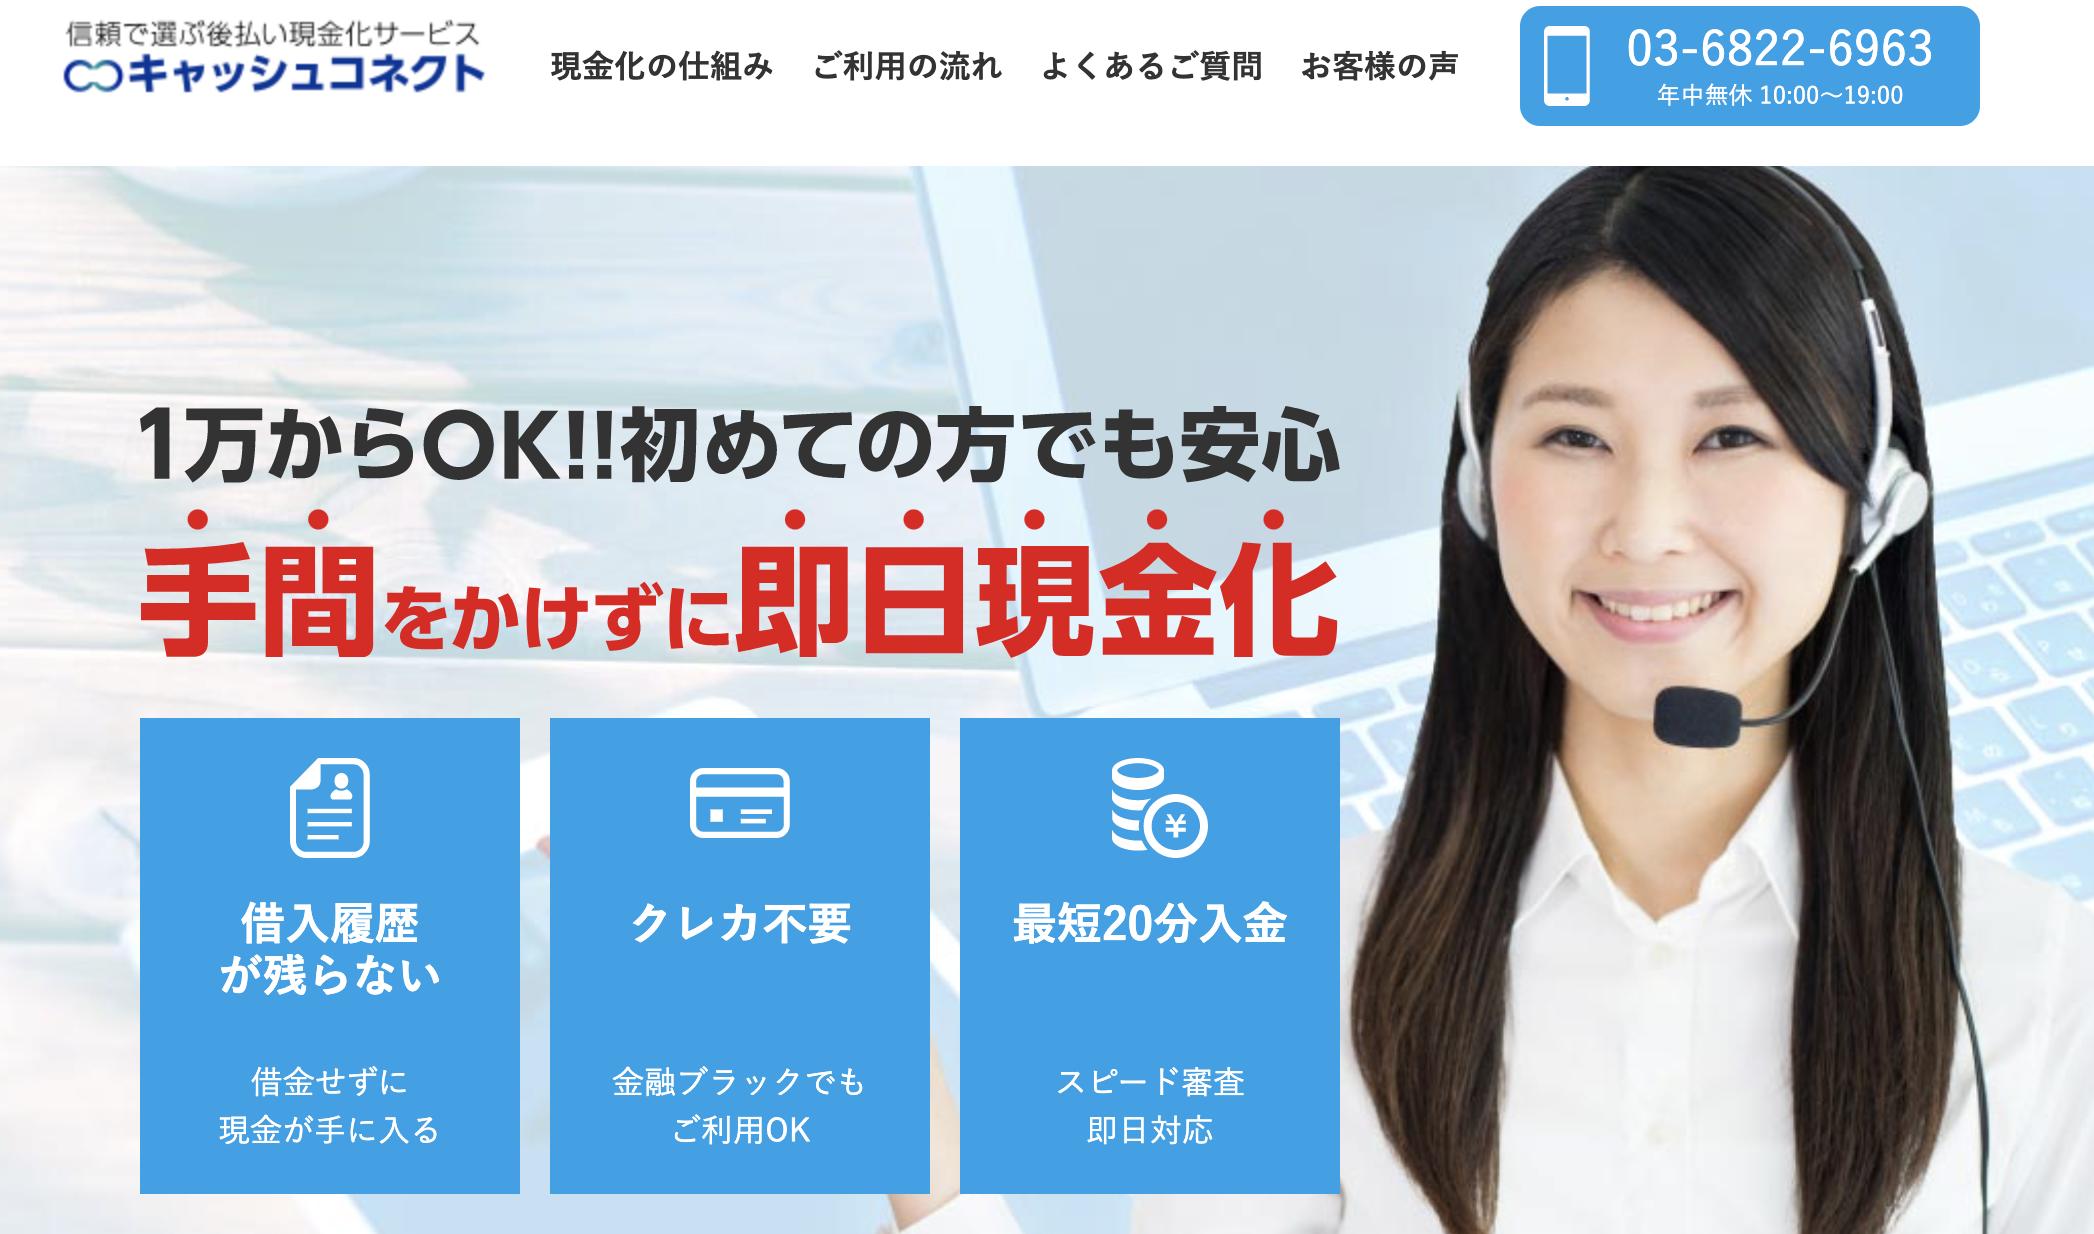 キャッシュコネクト-スマートツケ払いの会社情報とサービス内容